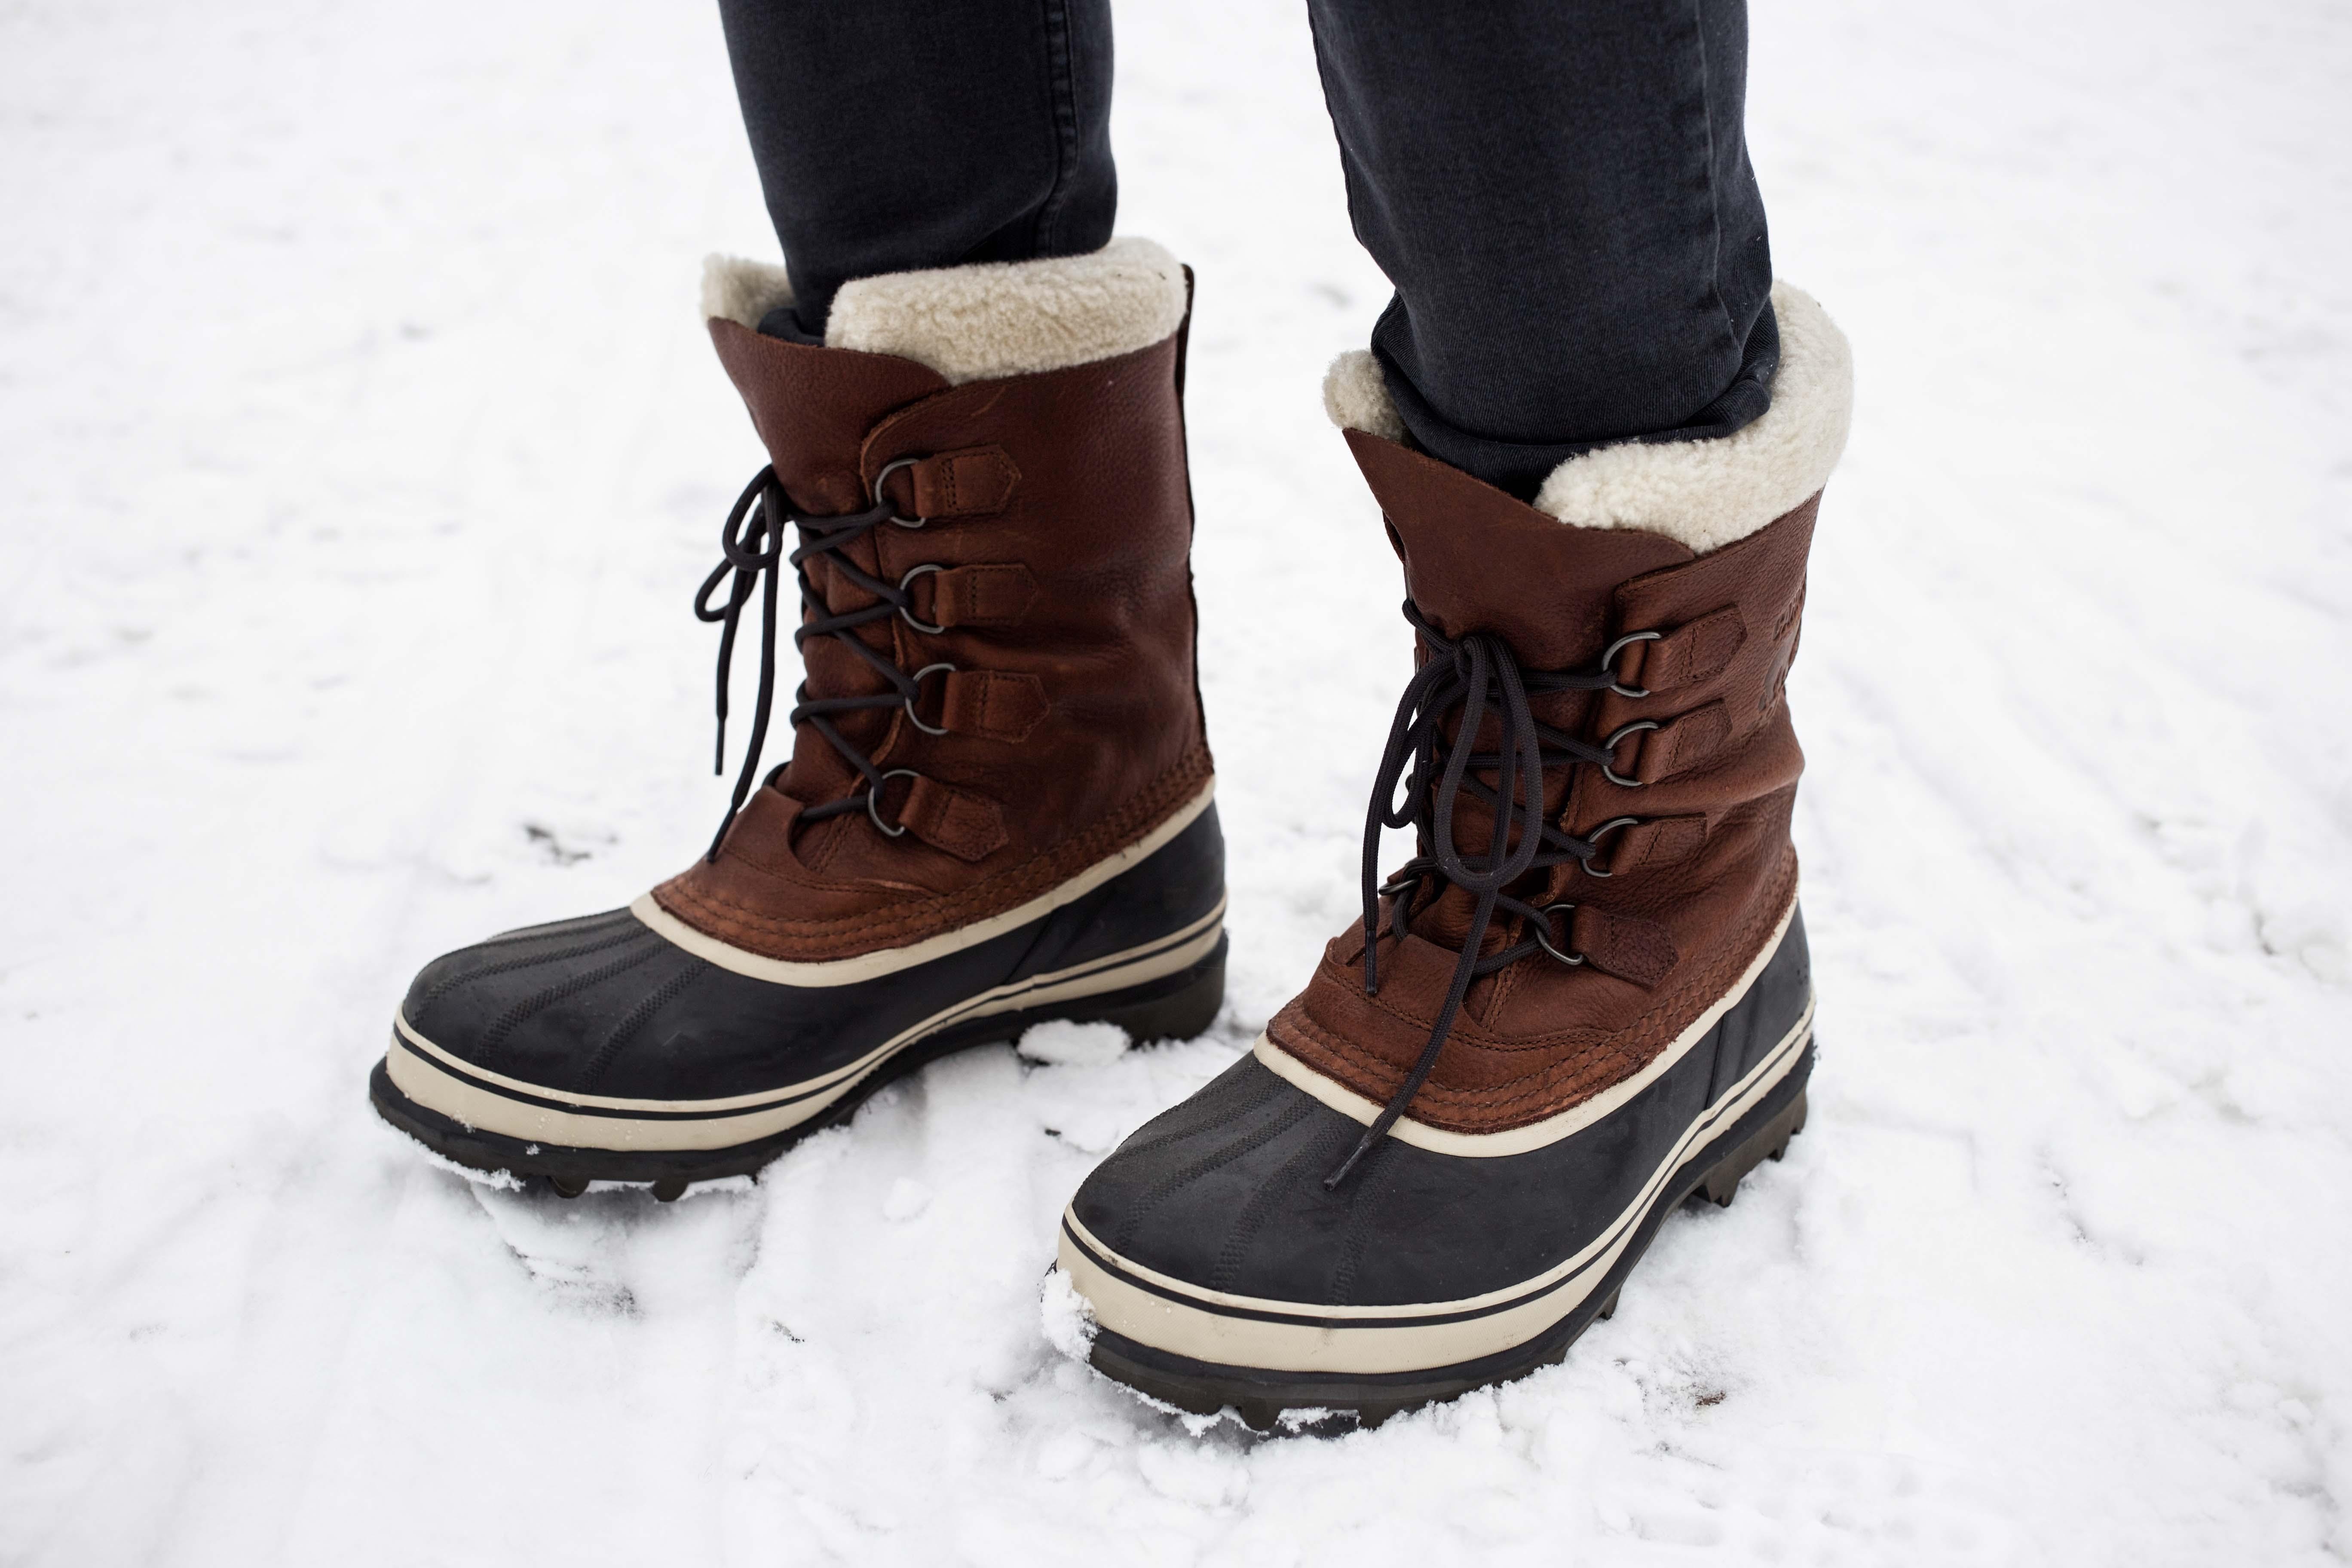 denim-sherpa-jacke-gefütterte-winterstiefel-norweger-pulli_8210